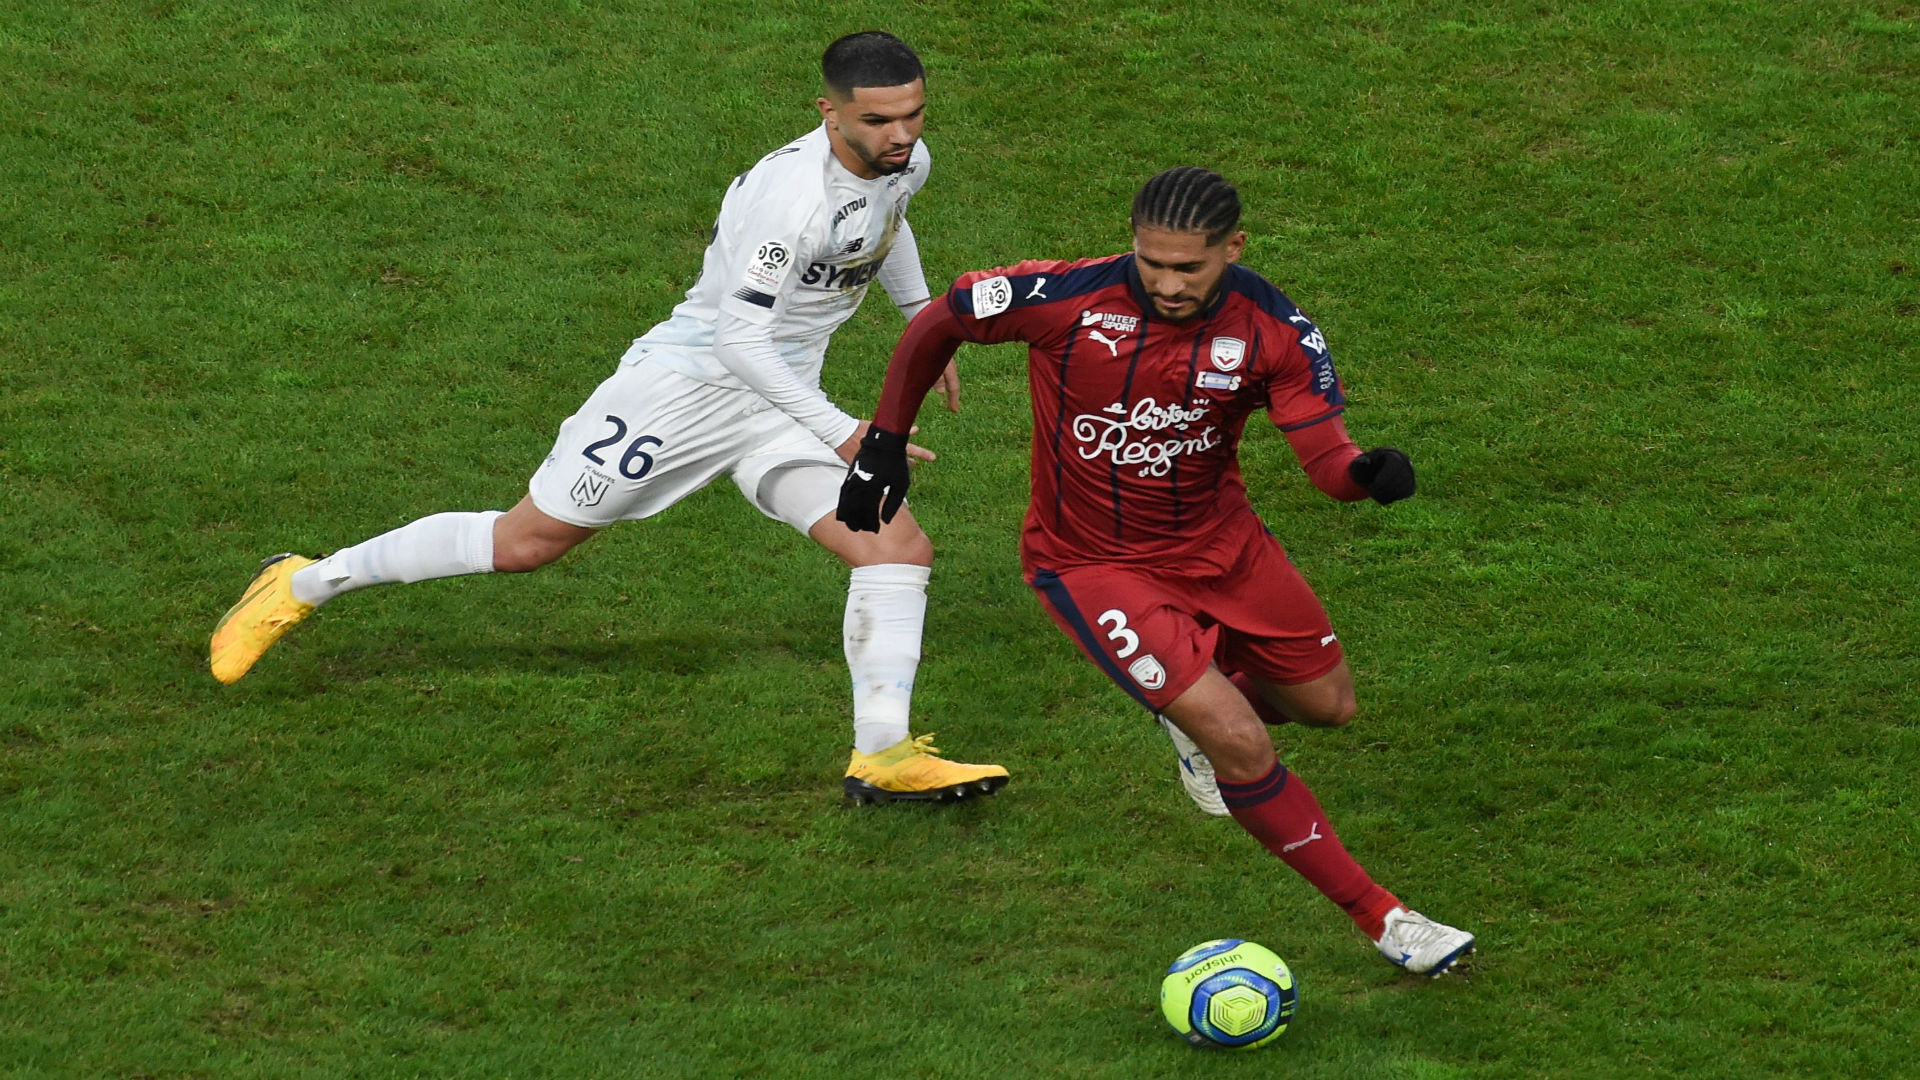 Nantes-Bordeaux (0-1) - Les Bordelais arrachent la victoire